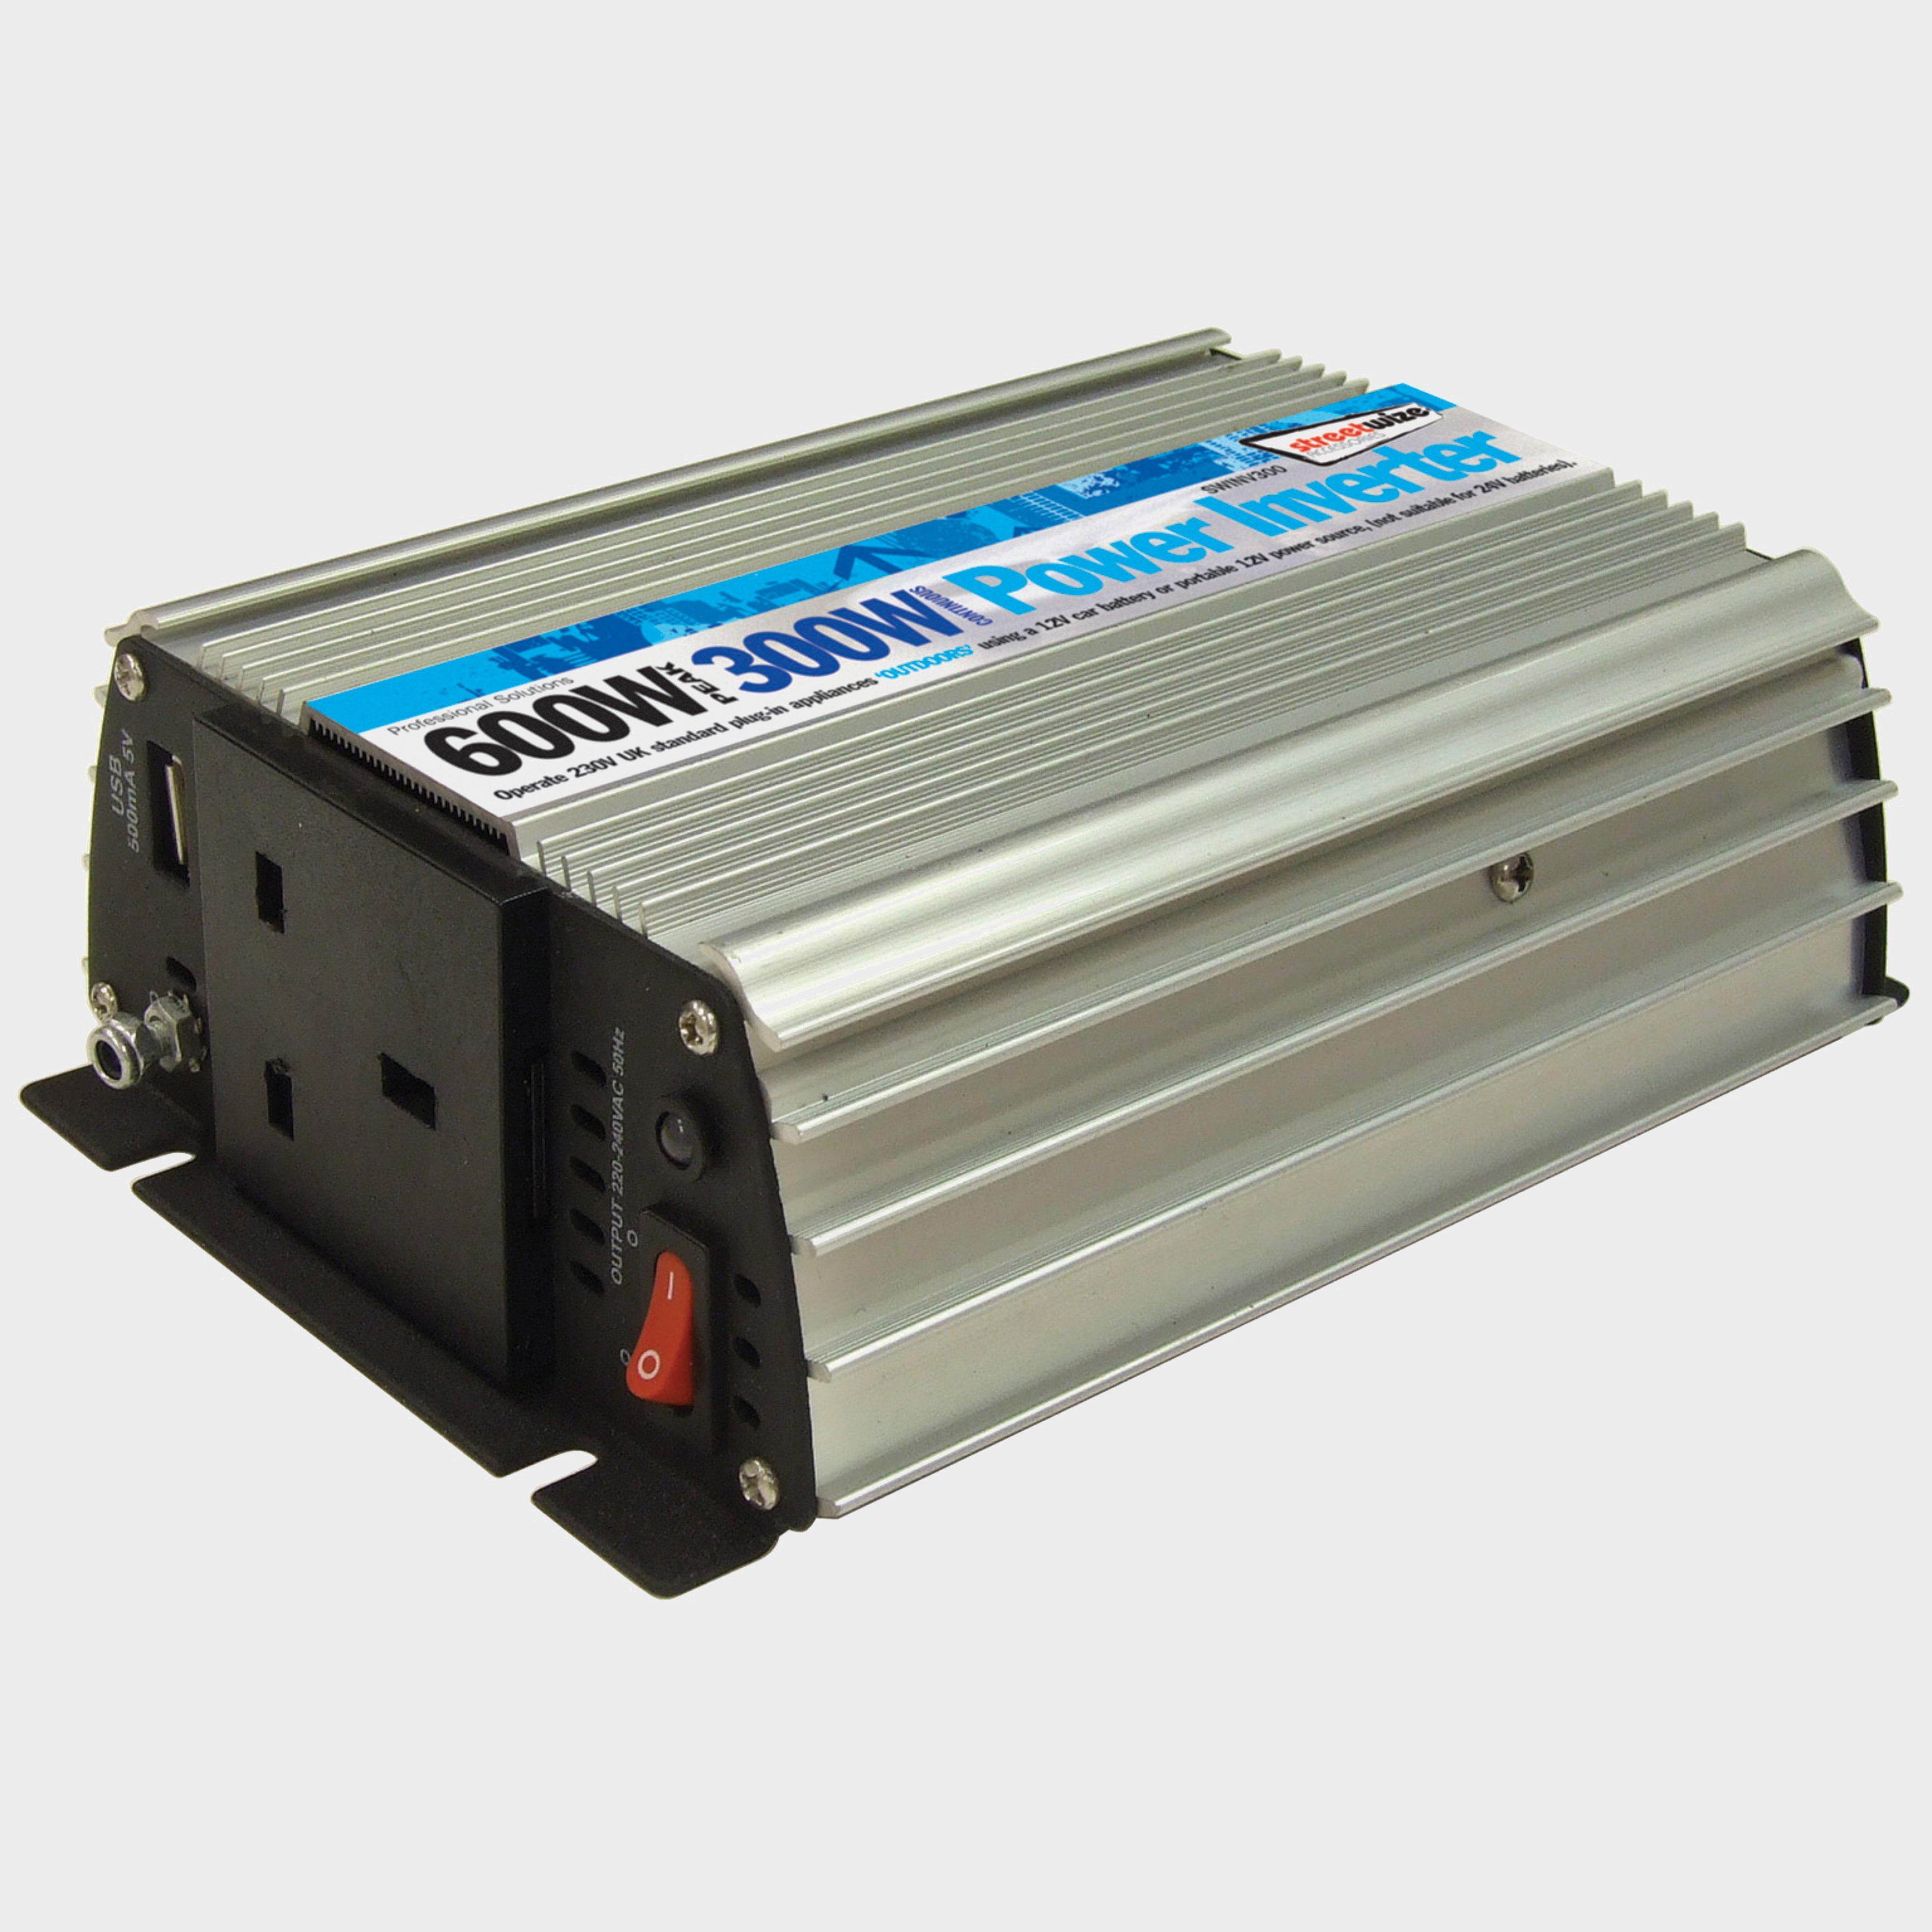 Streetwize 300 Watt Inverter - Silver/[Swinv300], Silver